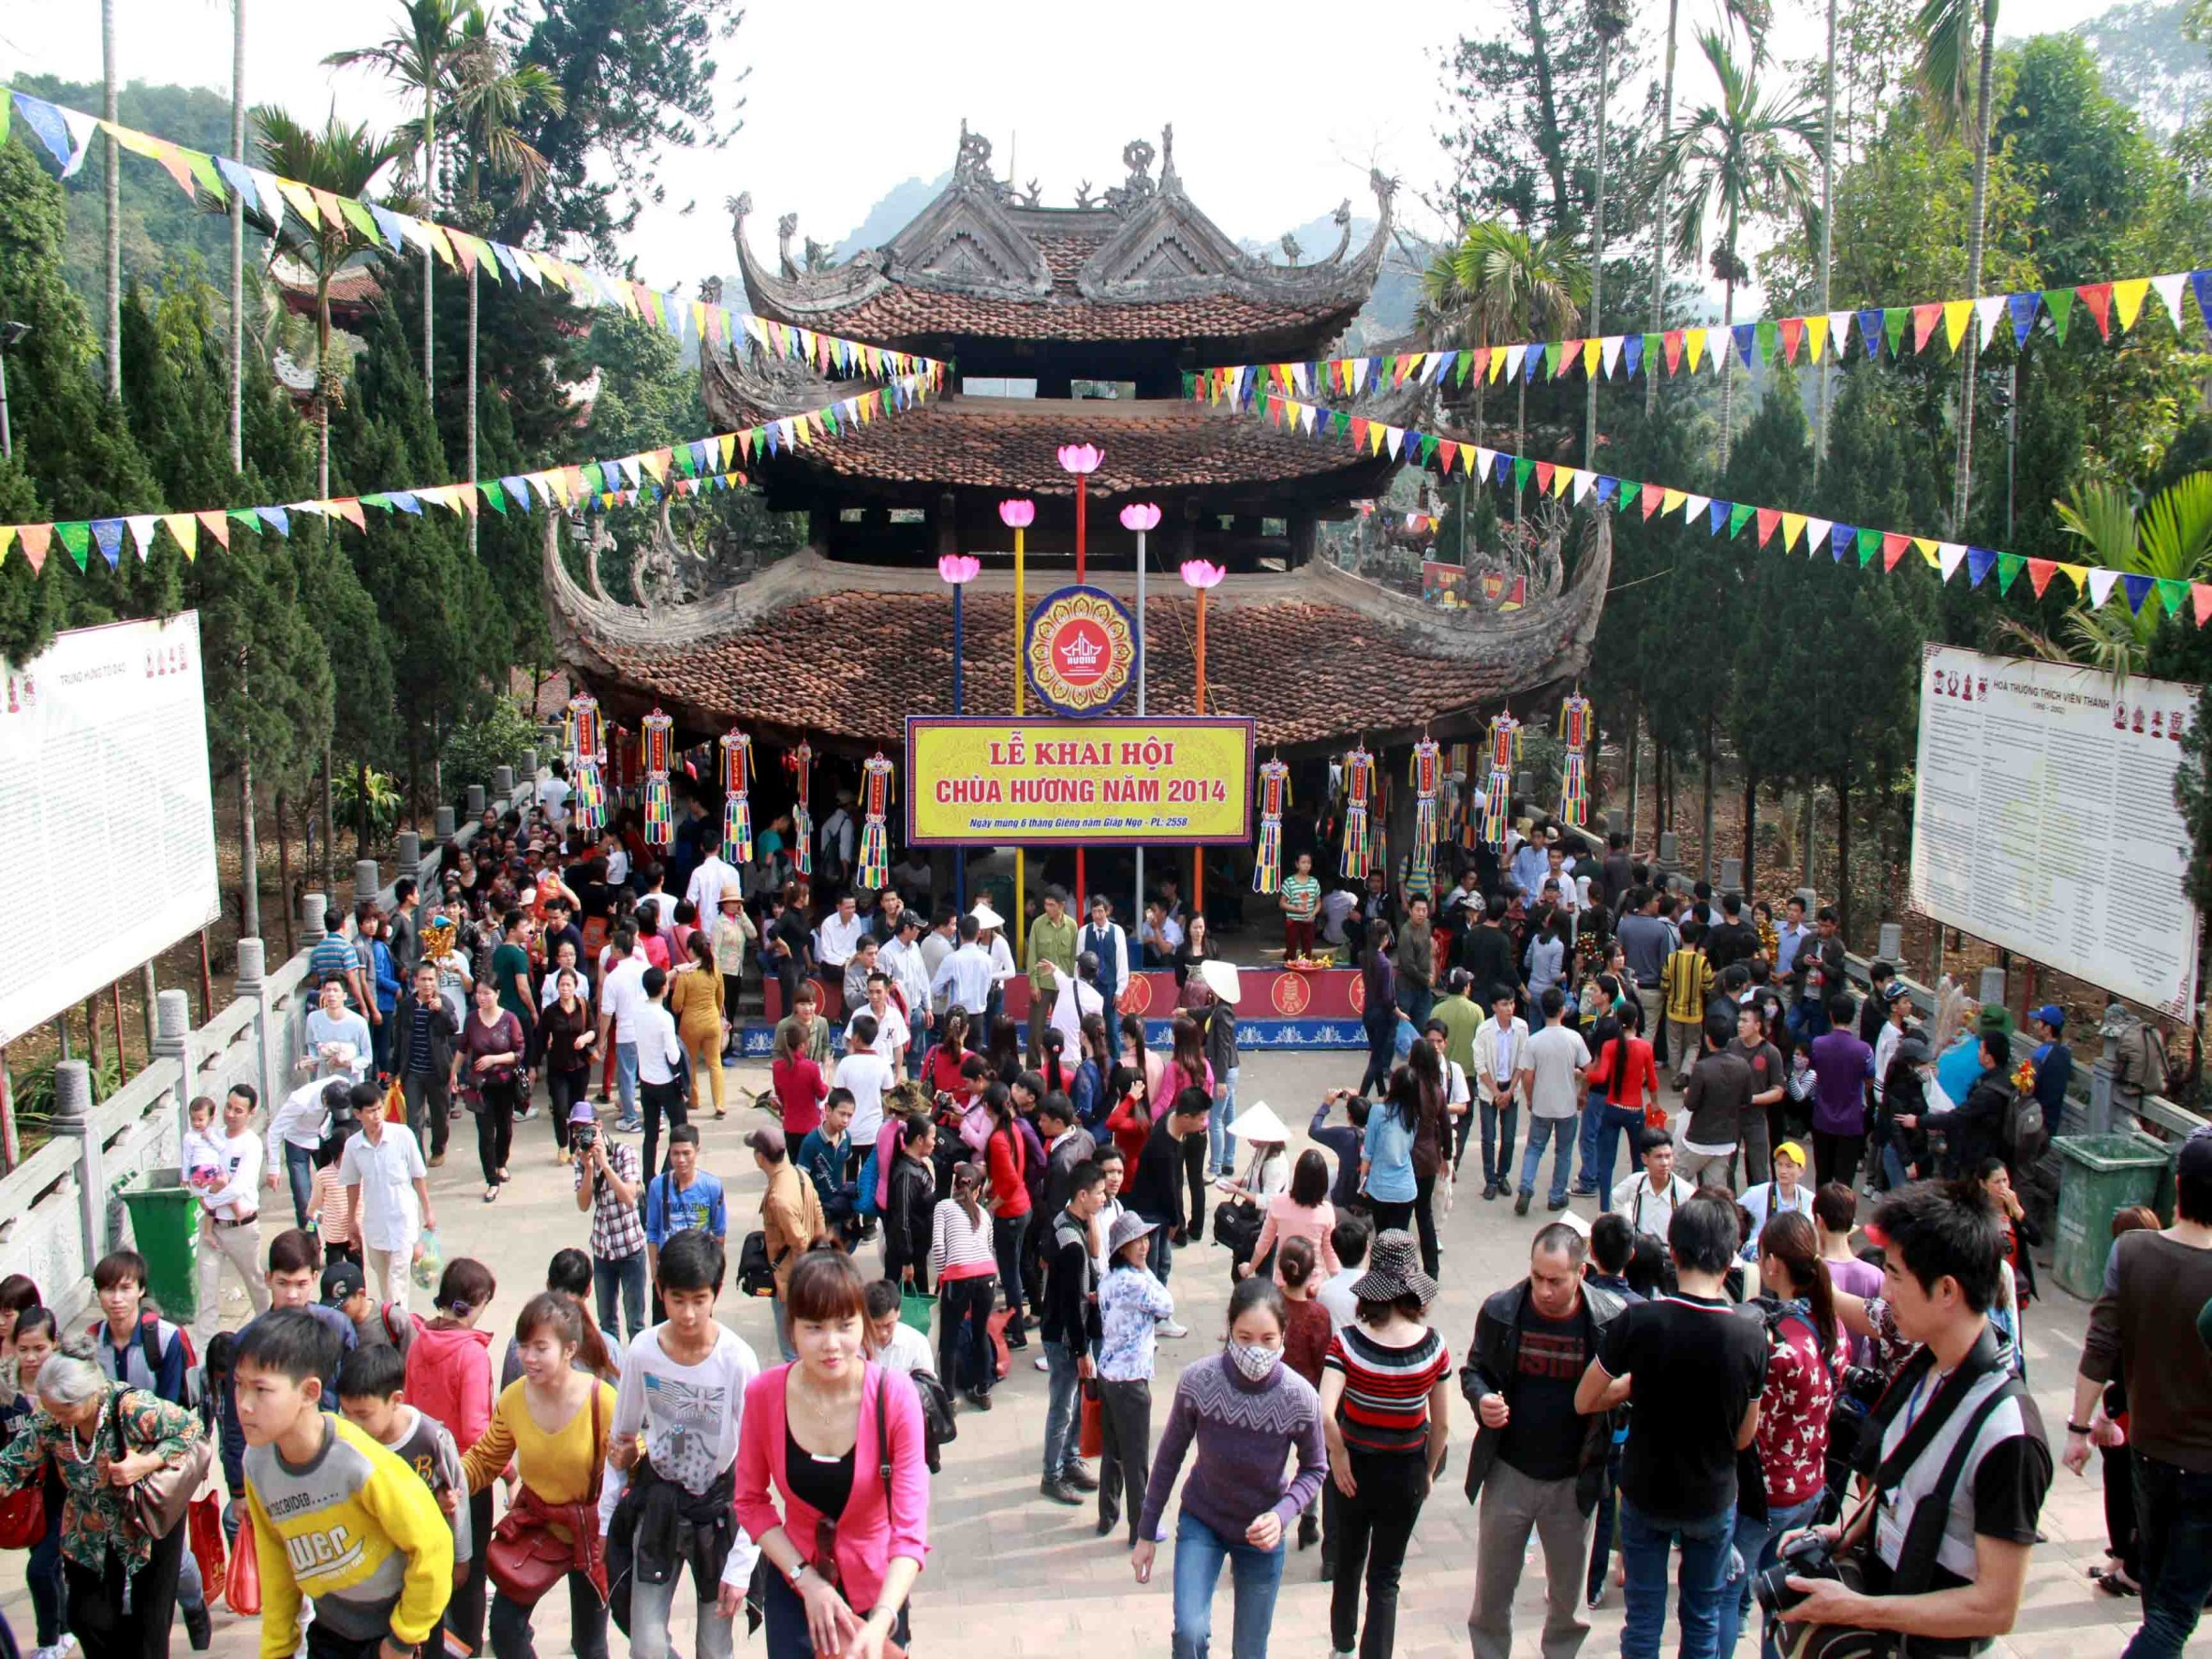 Cho thuê xe 7 chỗ có lái, giá rẻ đi chùa Hương tại Hà Nội